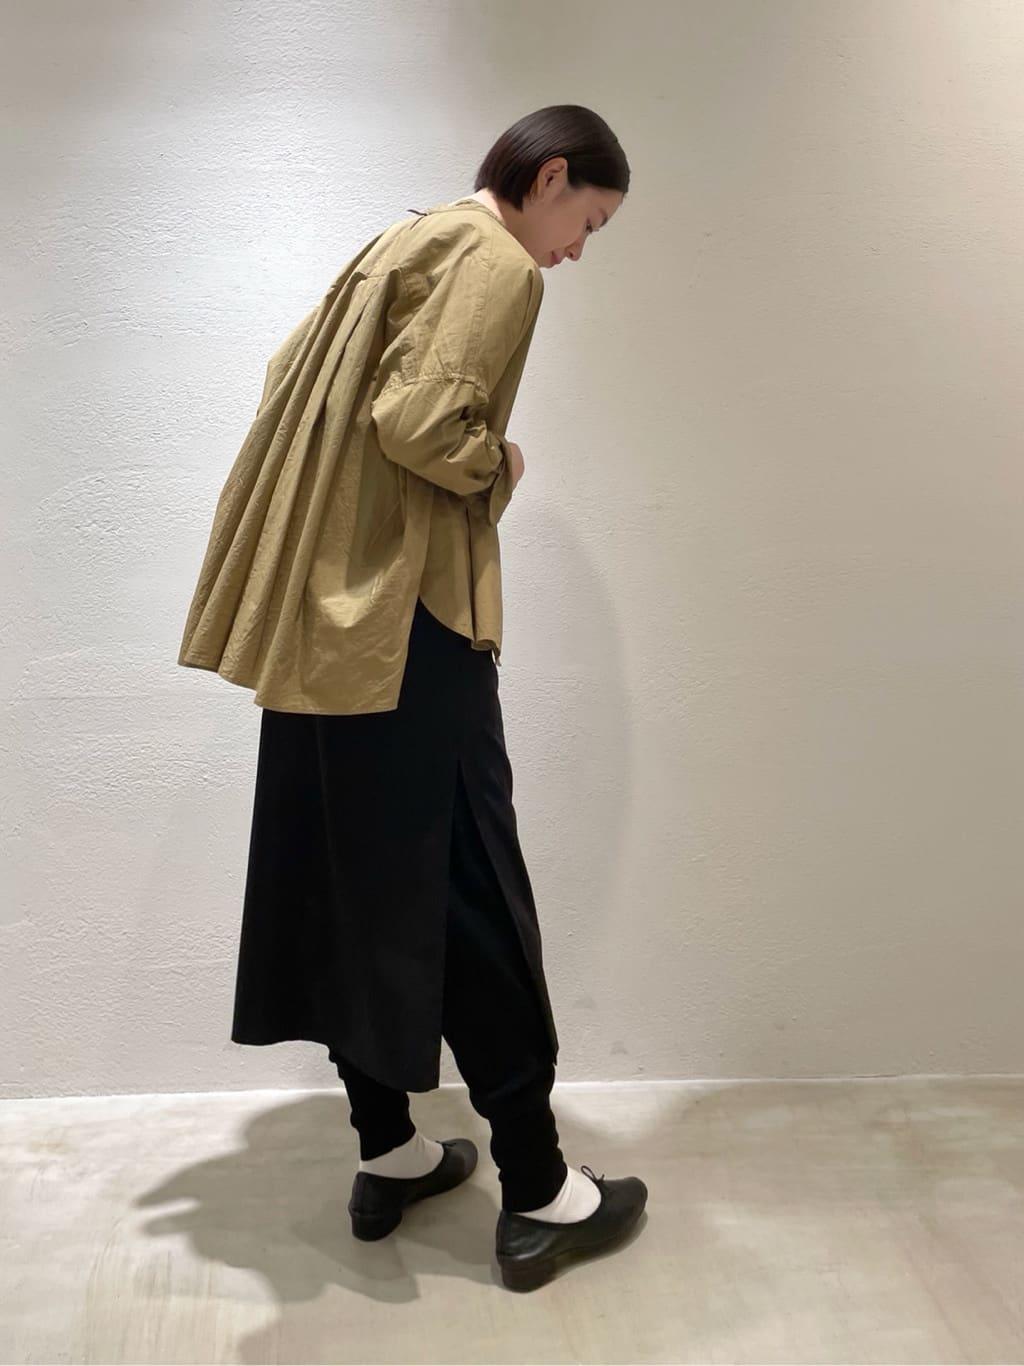 yuni ニュウマン横浜 身長:166cm 2021.09.11